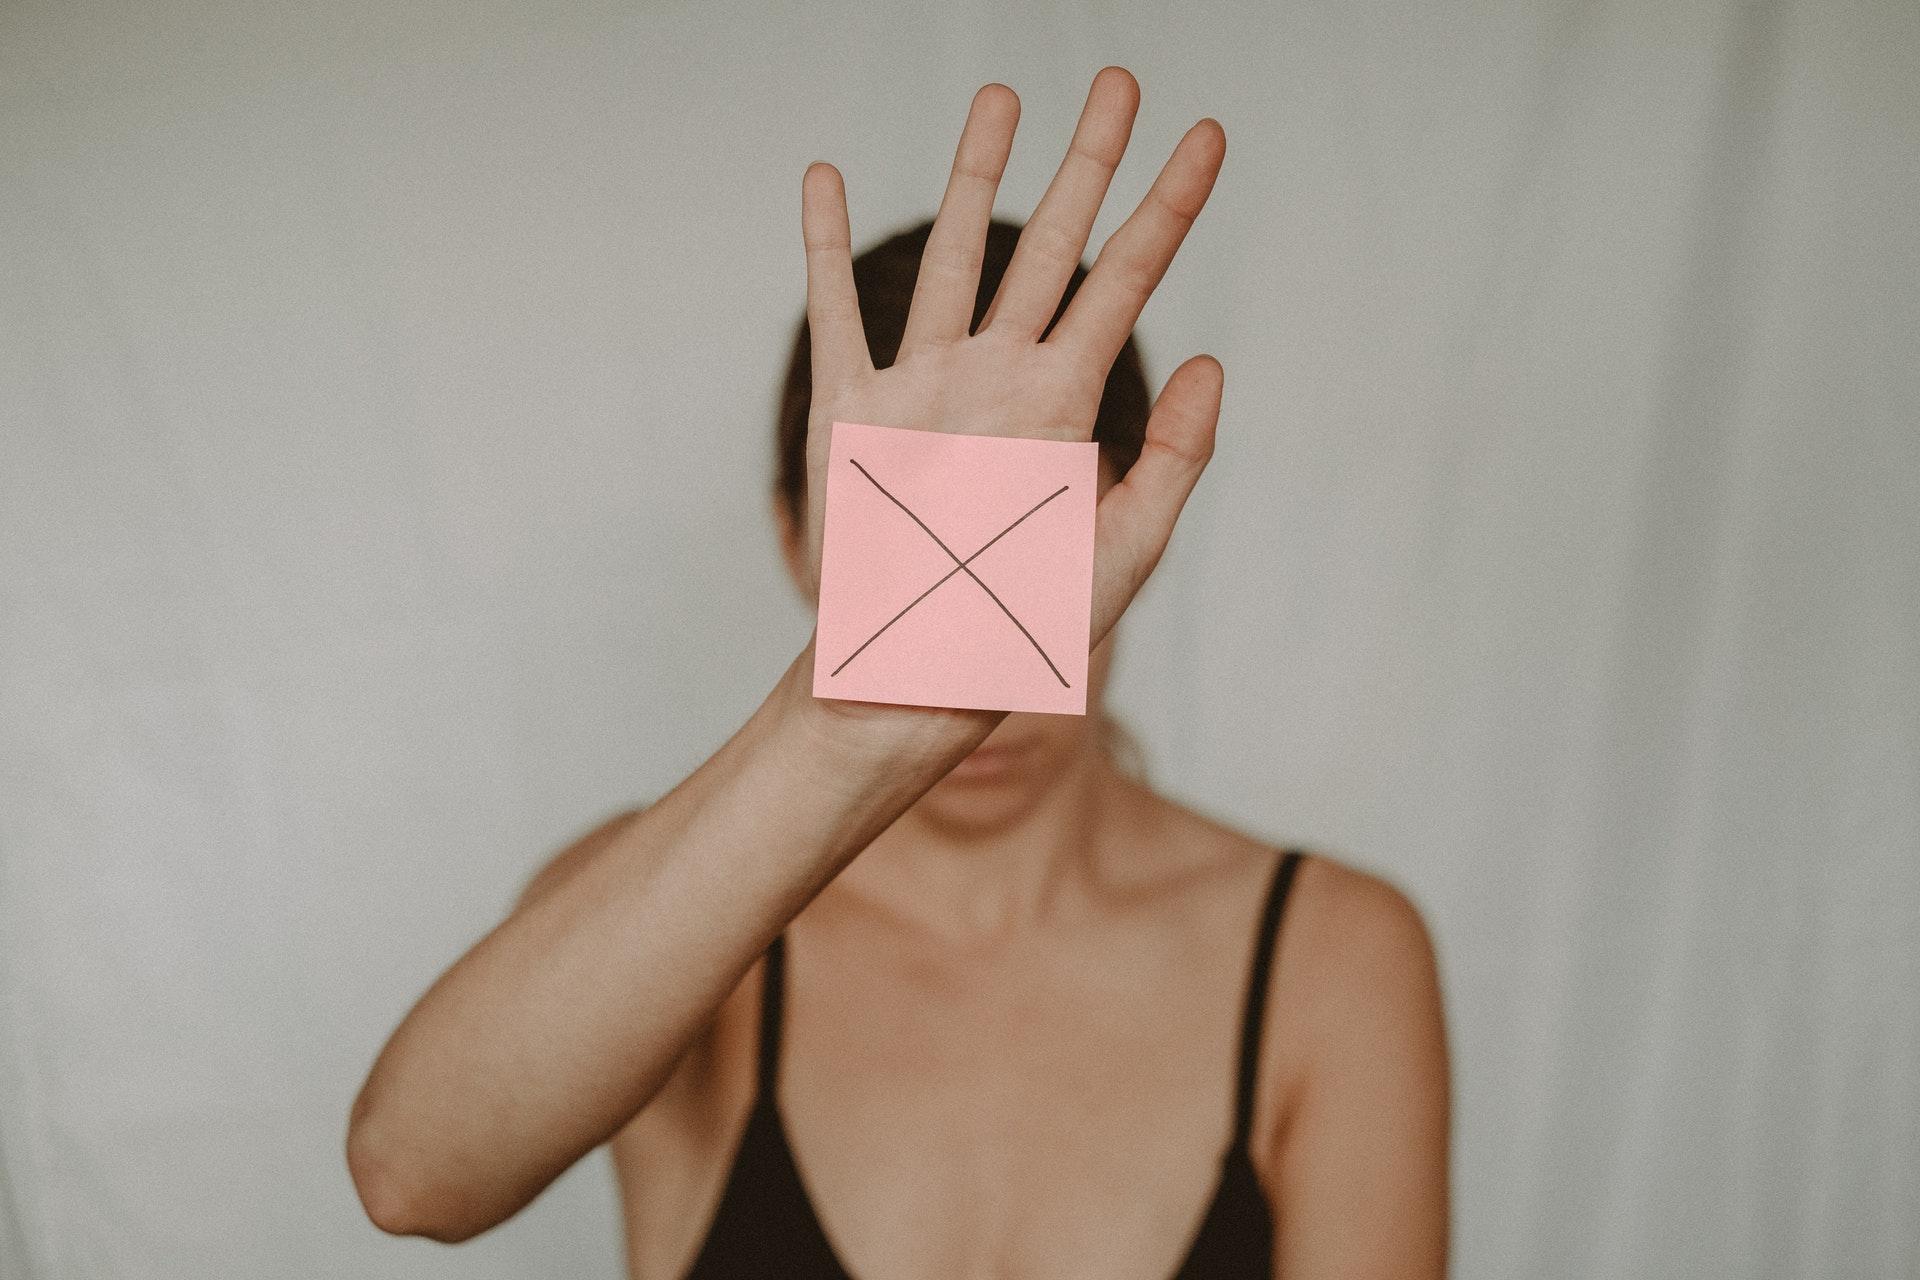 手にばつ印のメモを張っている女性